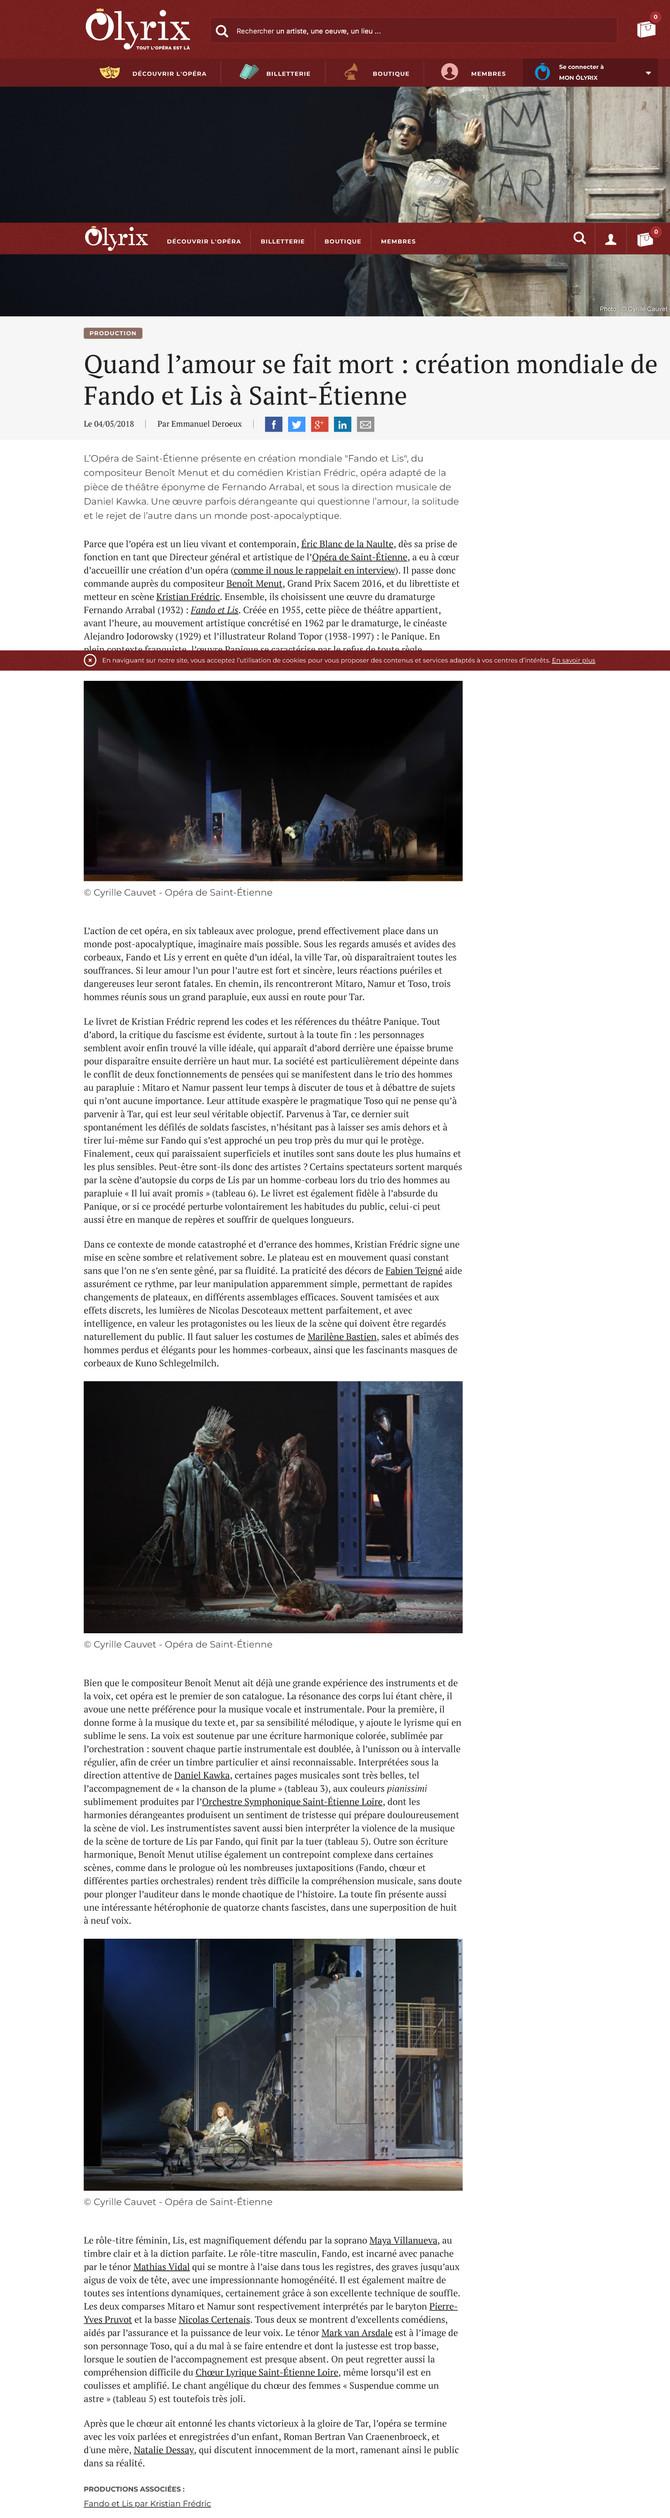 Critique - Création mondiale Opéra Fando et Lis